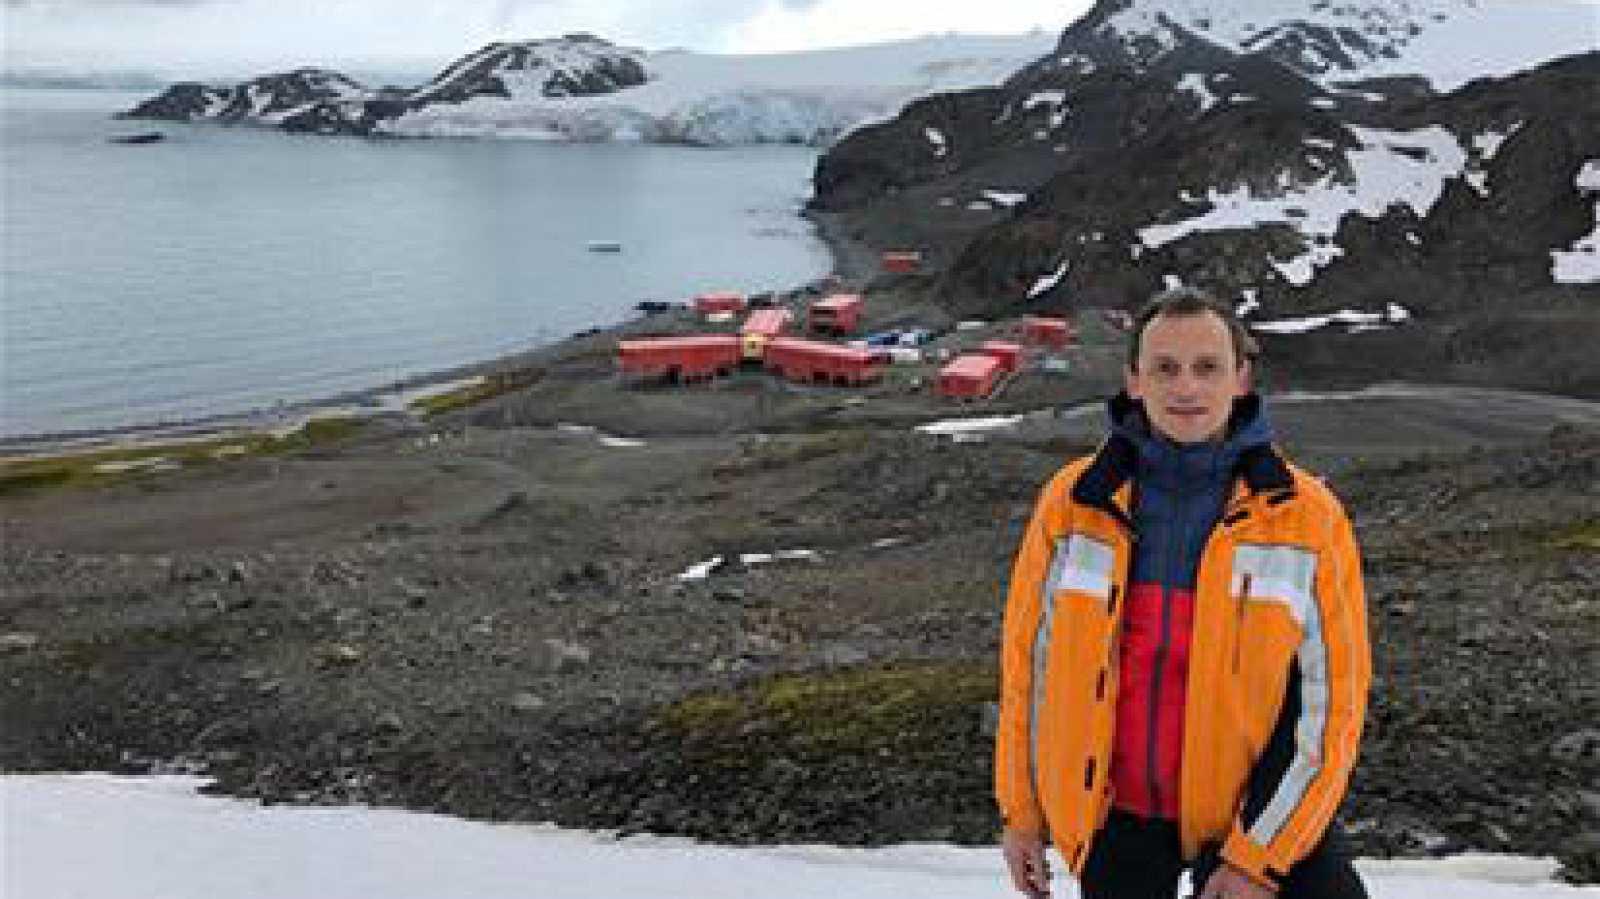 Españoles en la mar - Remodelación de la Base Antártica Juan Carlos I - 04/01/19 - escuchar ahora